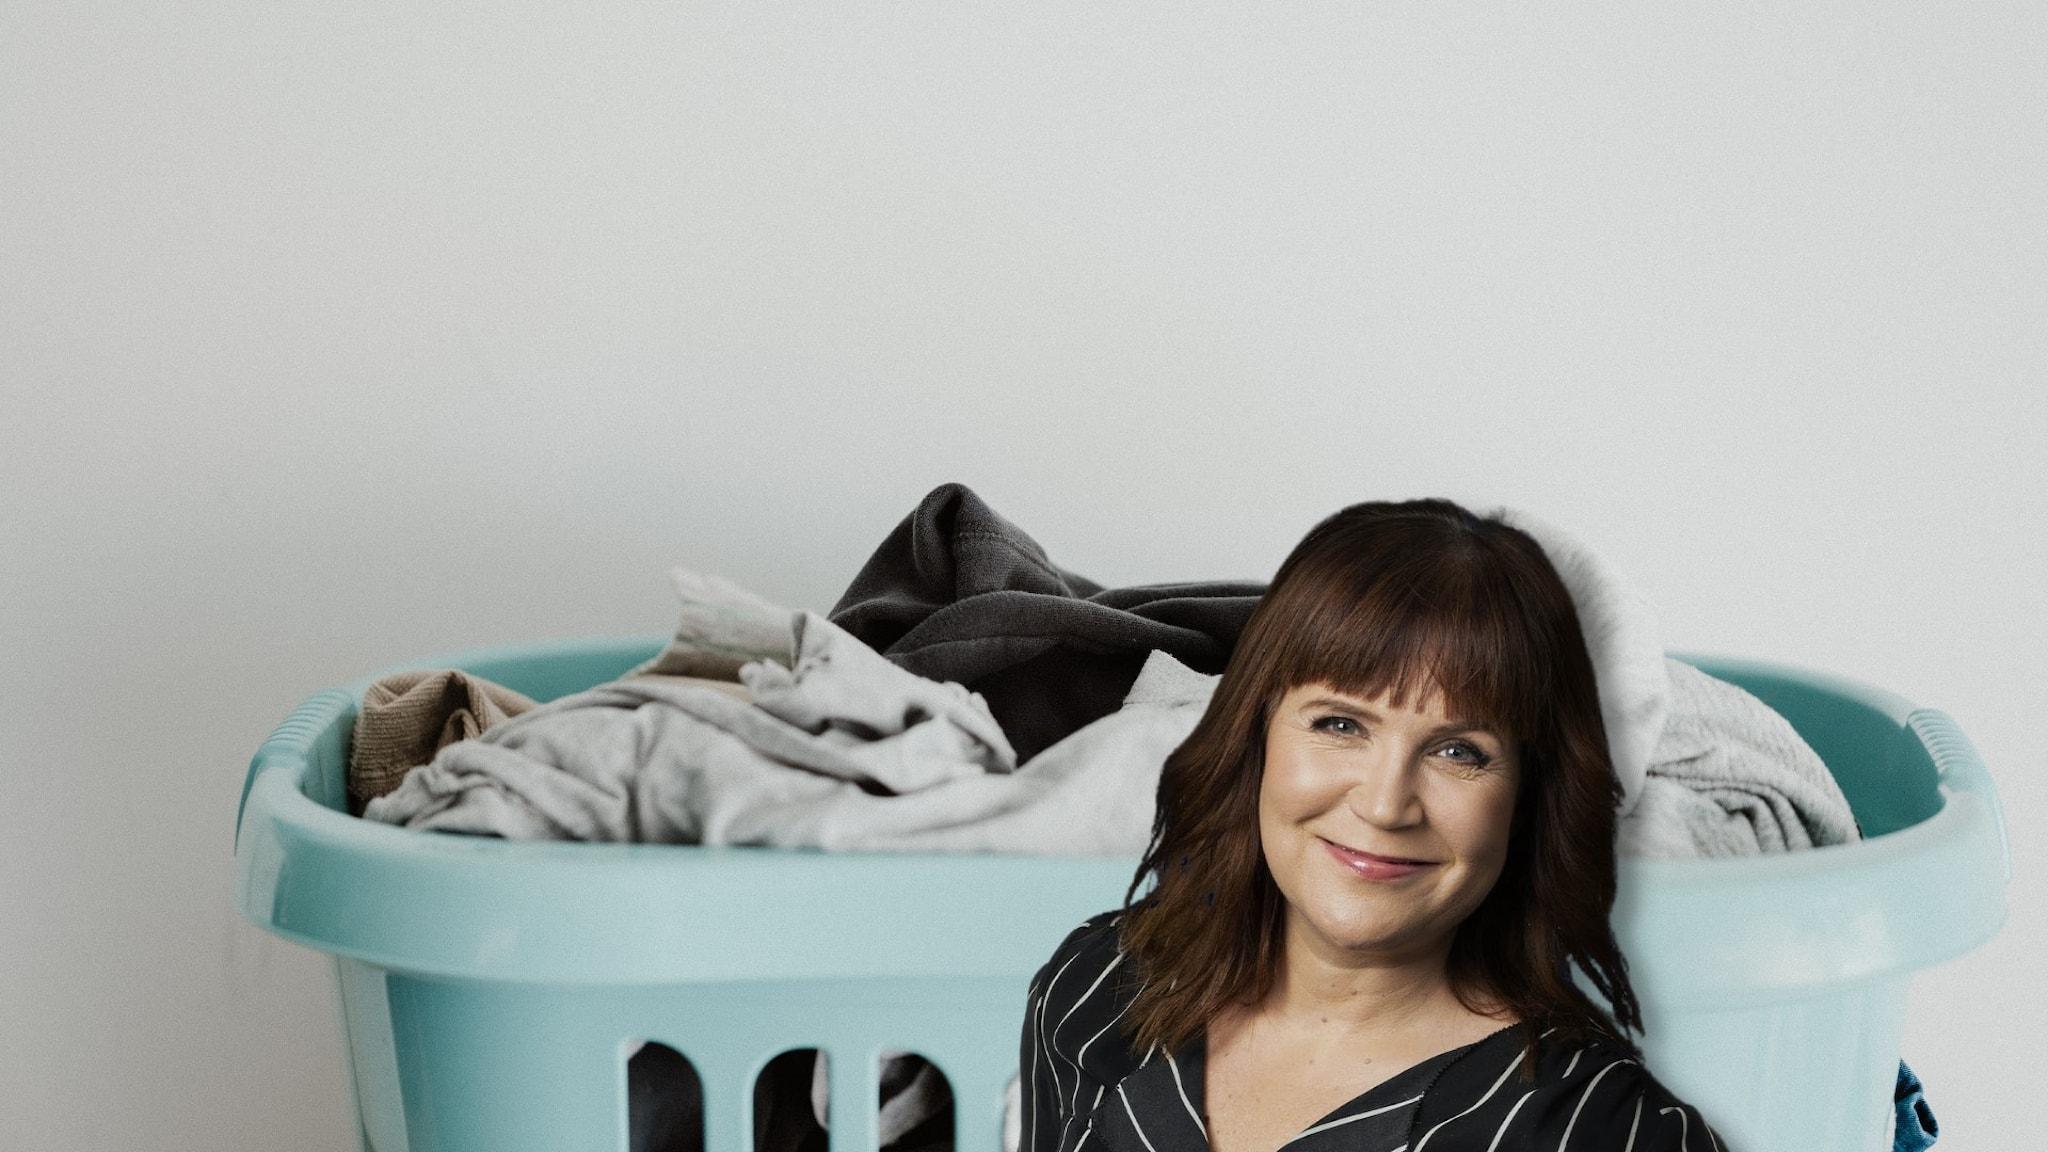 Kim Kärnfalk står framför en babybkå tvättkorg med otvättade kläder.